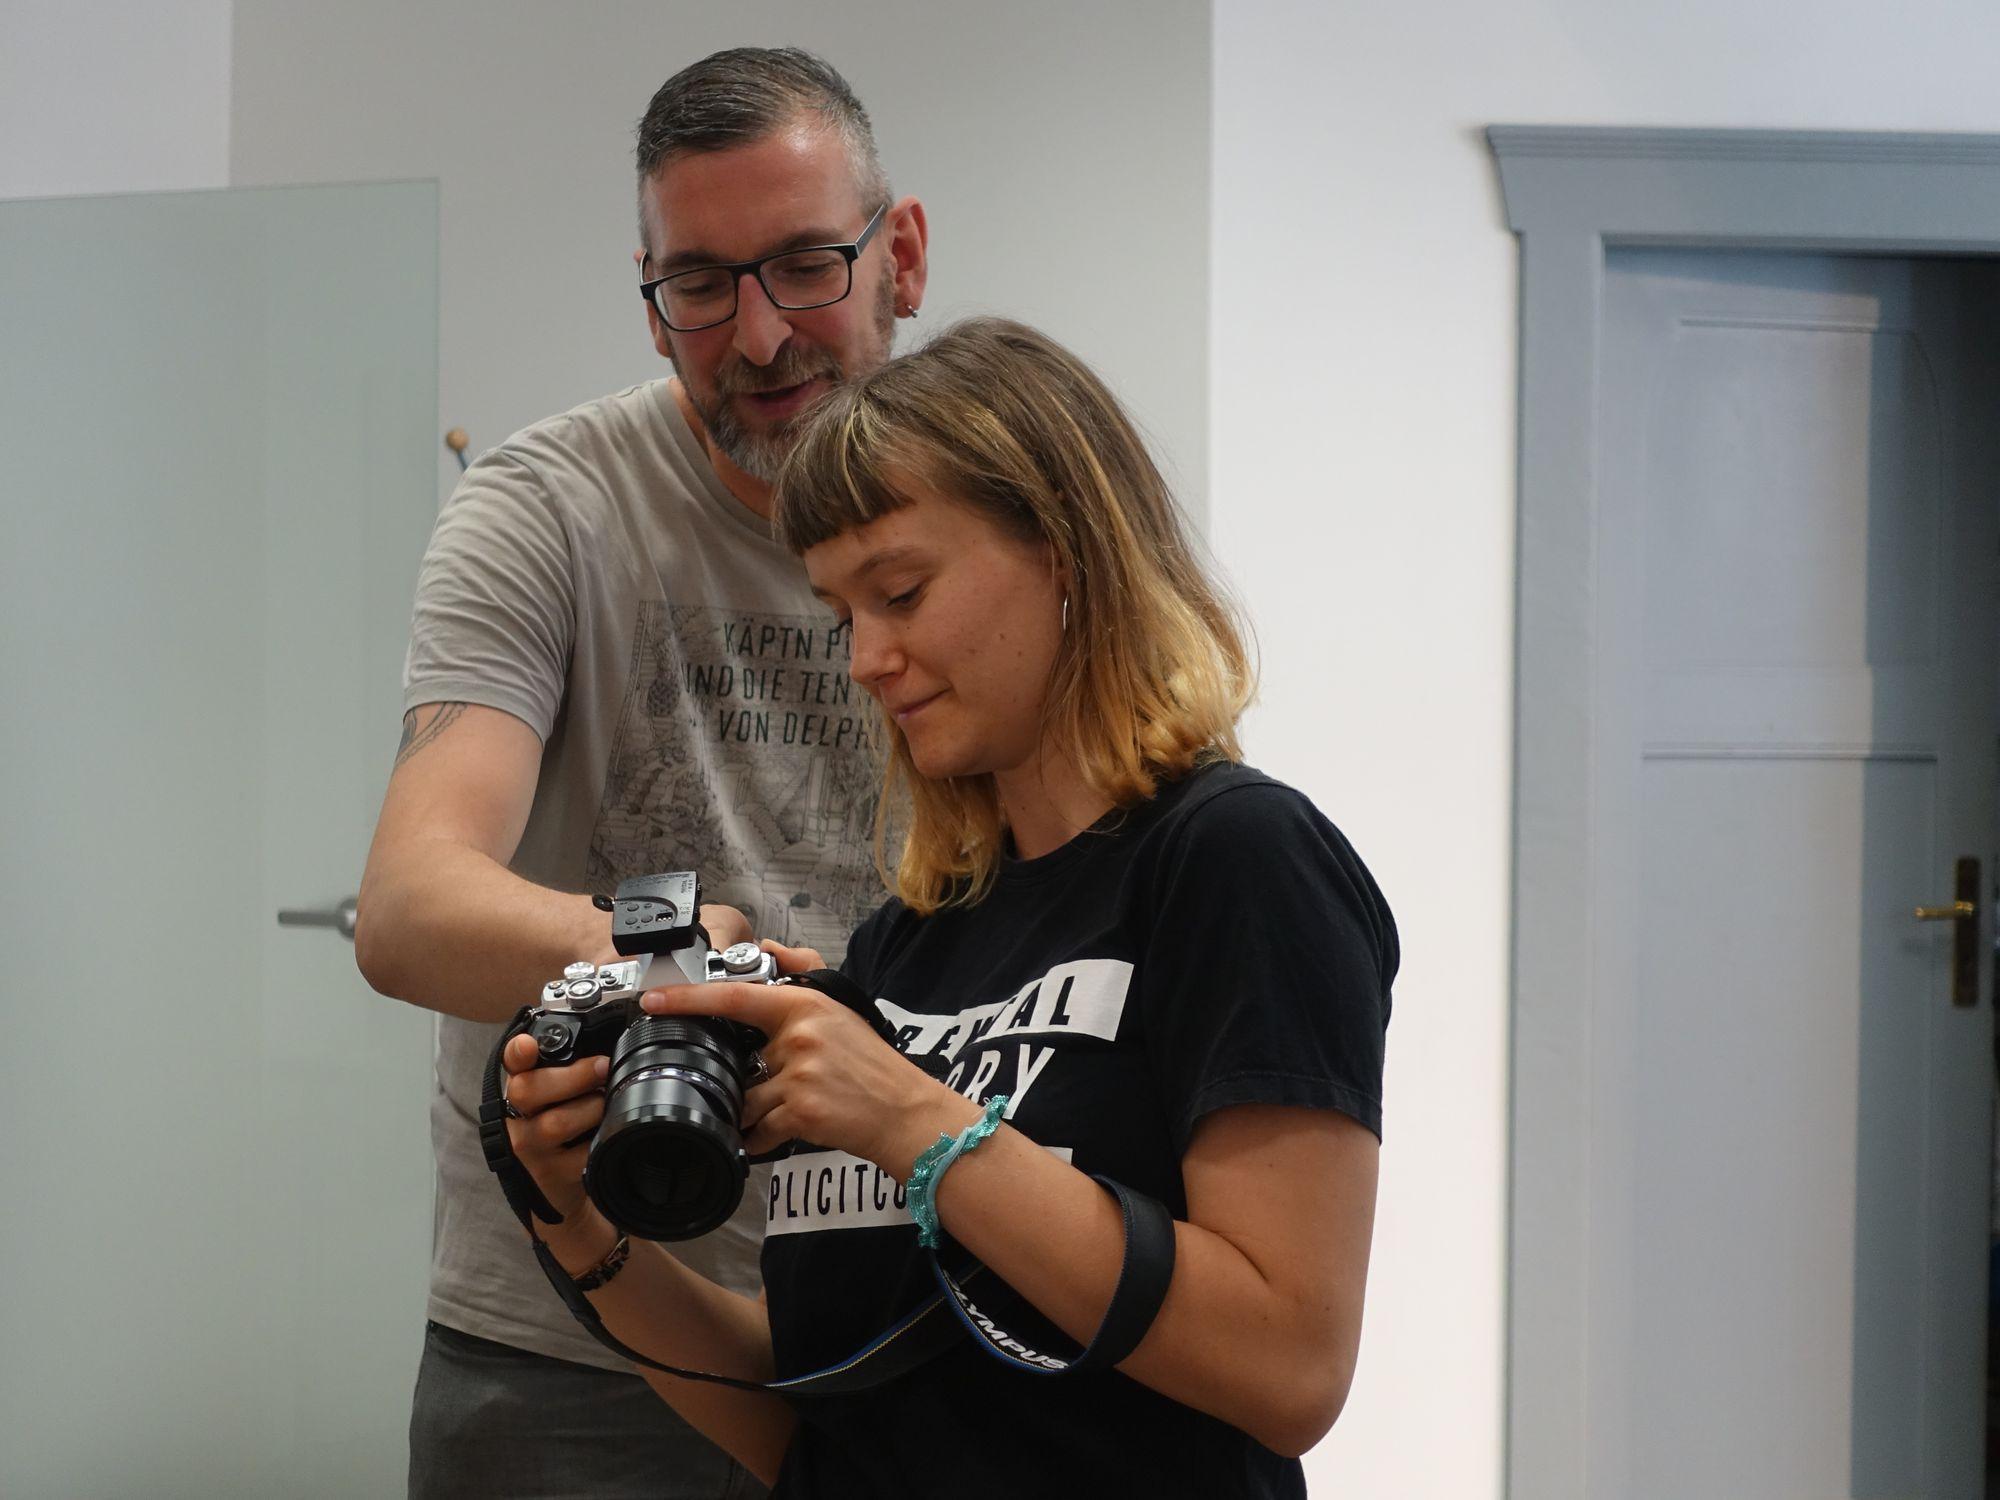 Wir geben unser Wissen gern weiter - Micha Kissing und Praktikantin Kristall aus Frankreich. Foto: C. Tamme